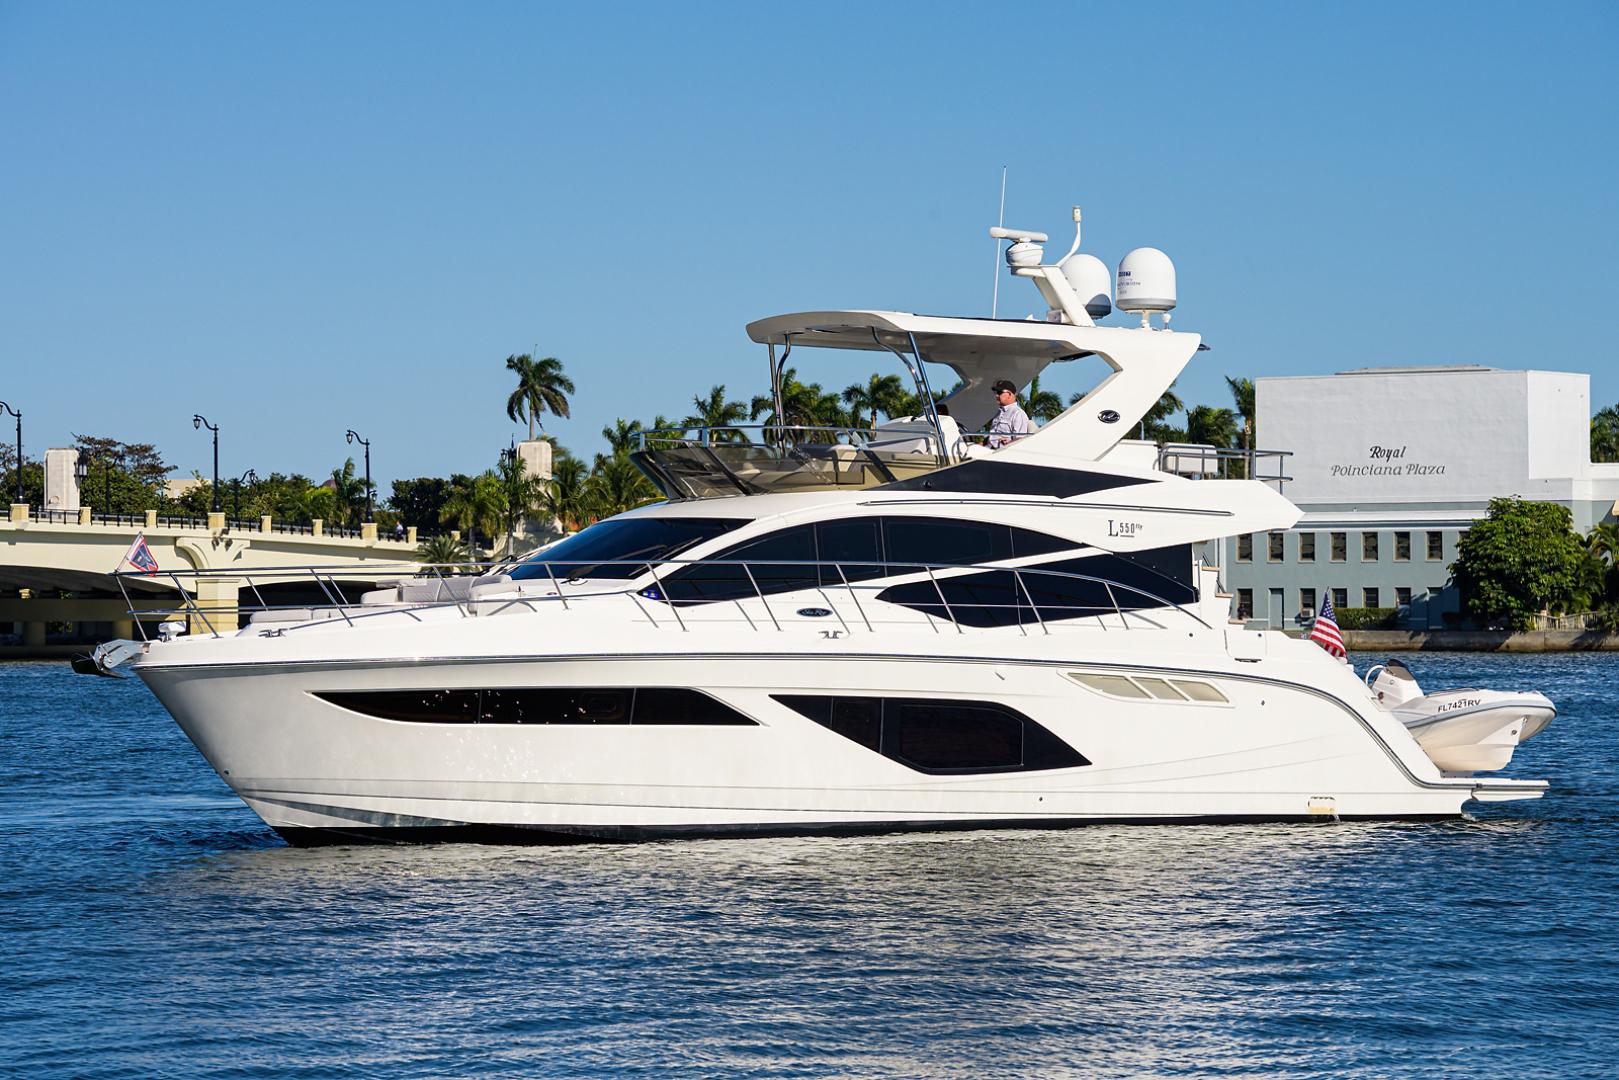 Sea Ray 2017 -Jupiter-Florida-United States-1596644 | Thumbnail